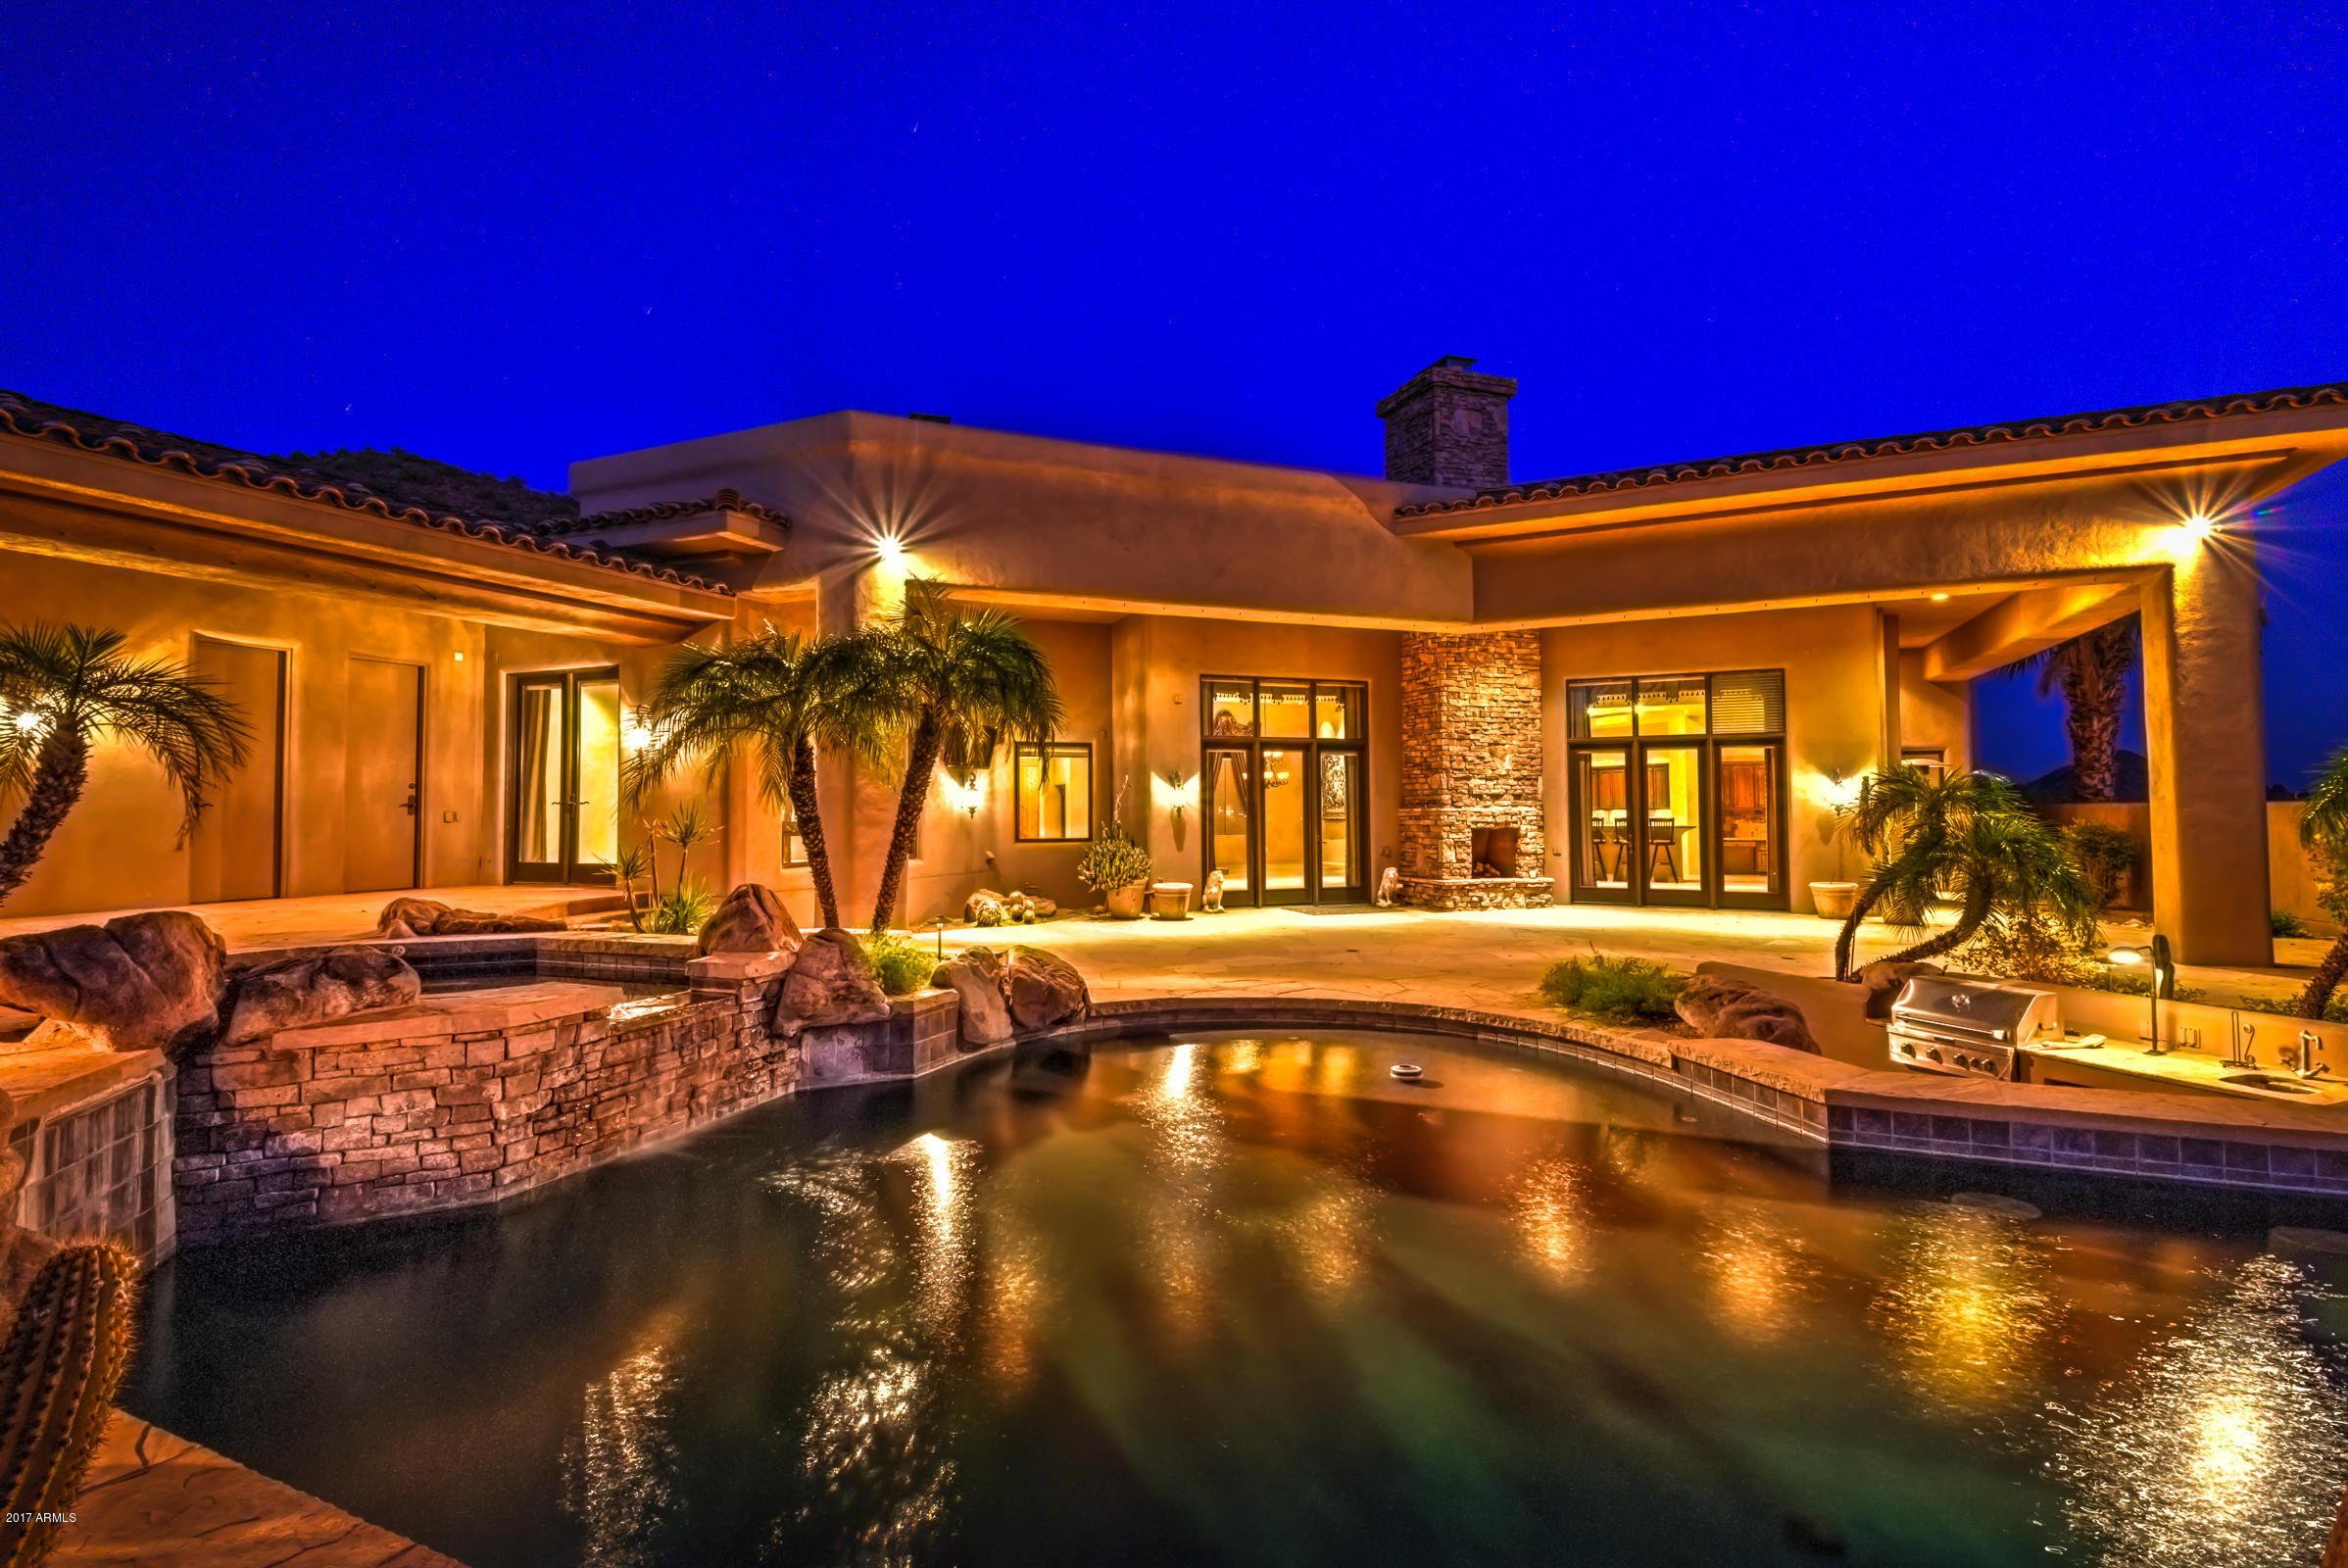 MLS 5670979 12717 N 120TH Place, Scottsdale, AZ 85259 Scottsdale AZ Ancala